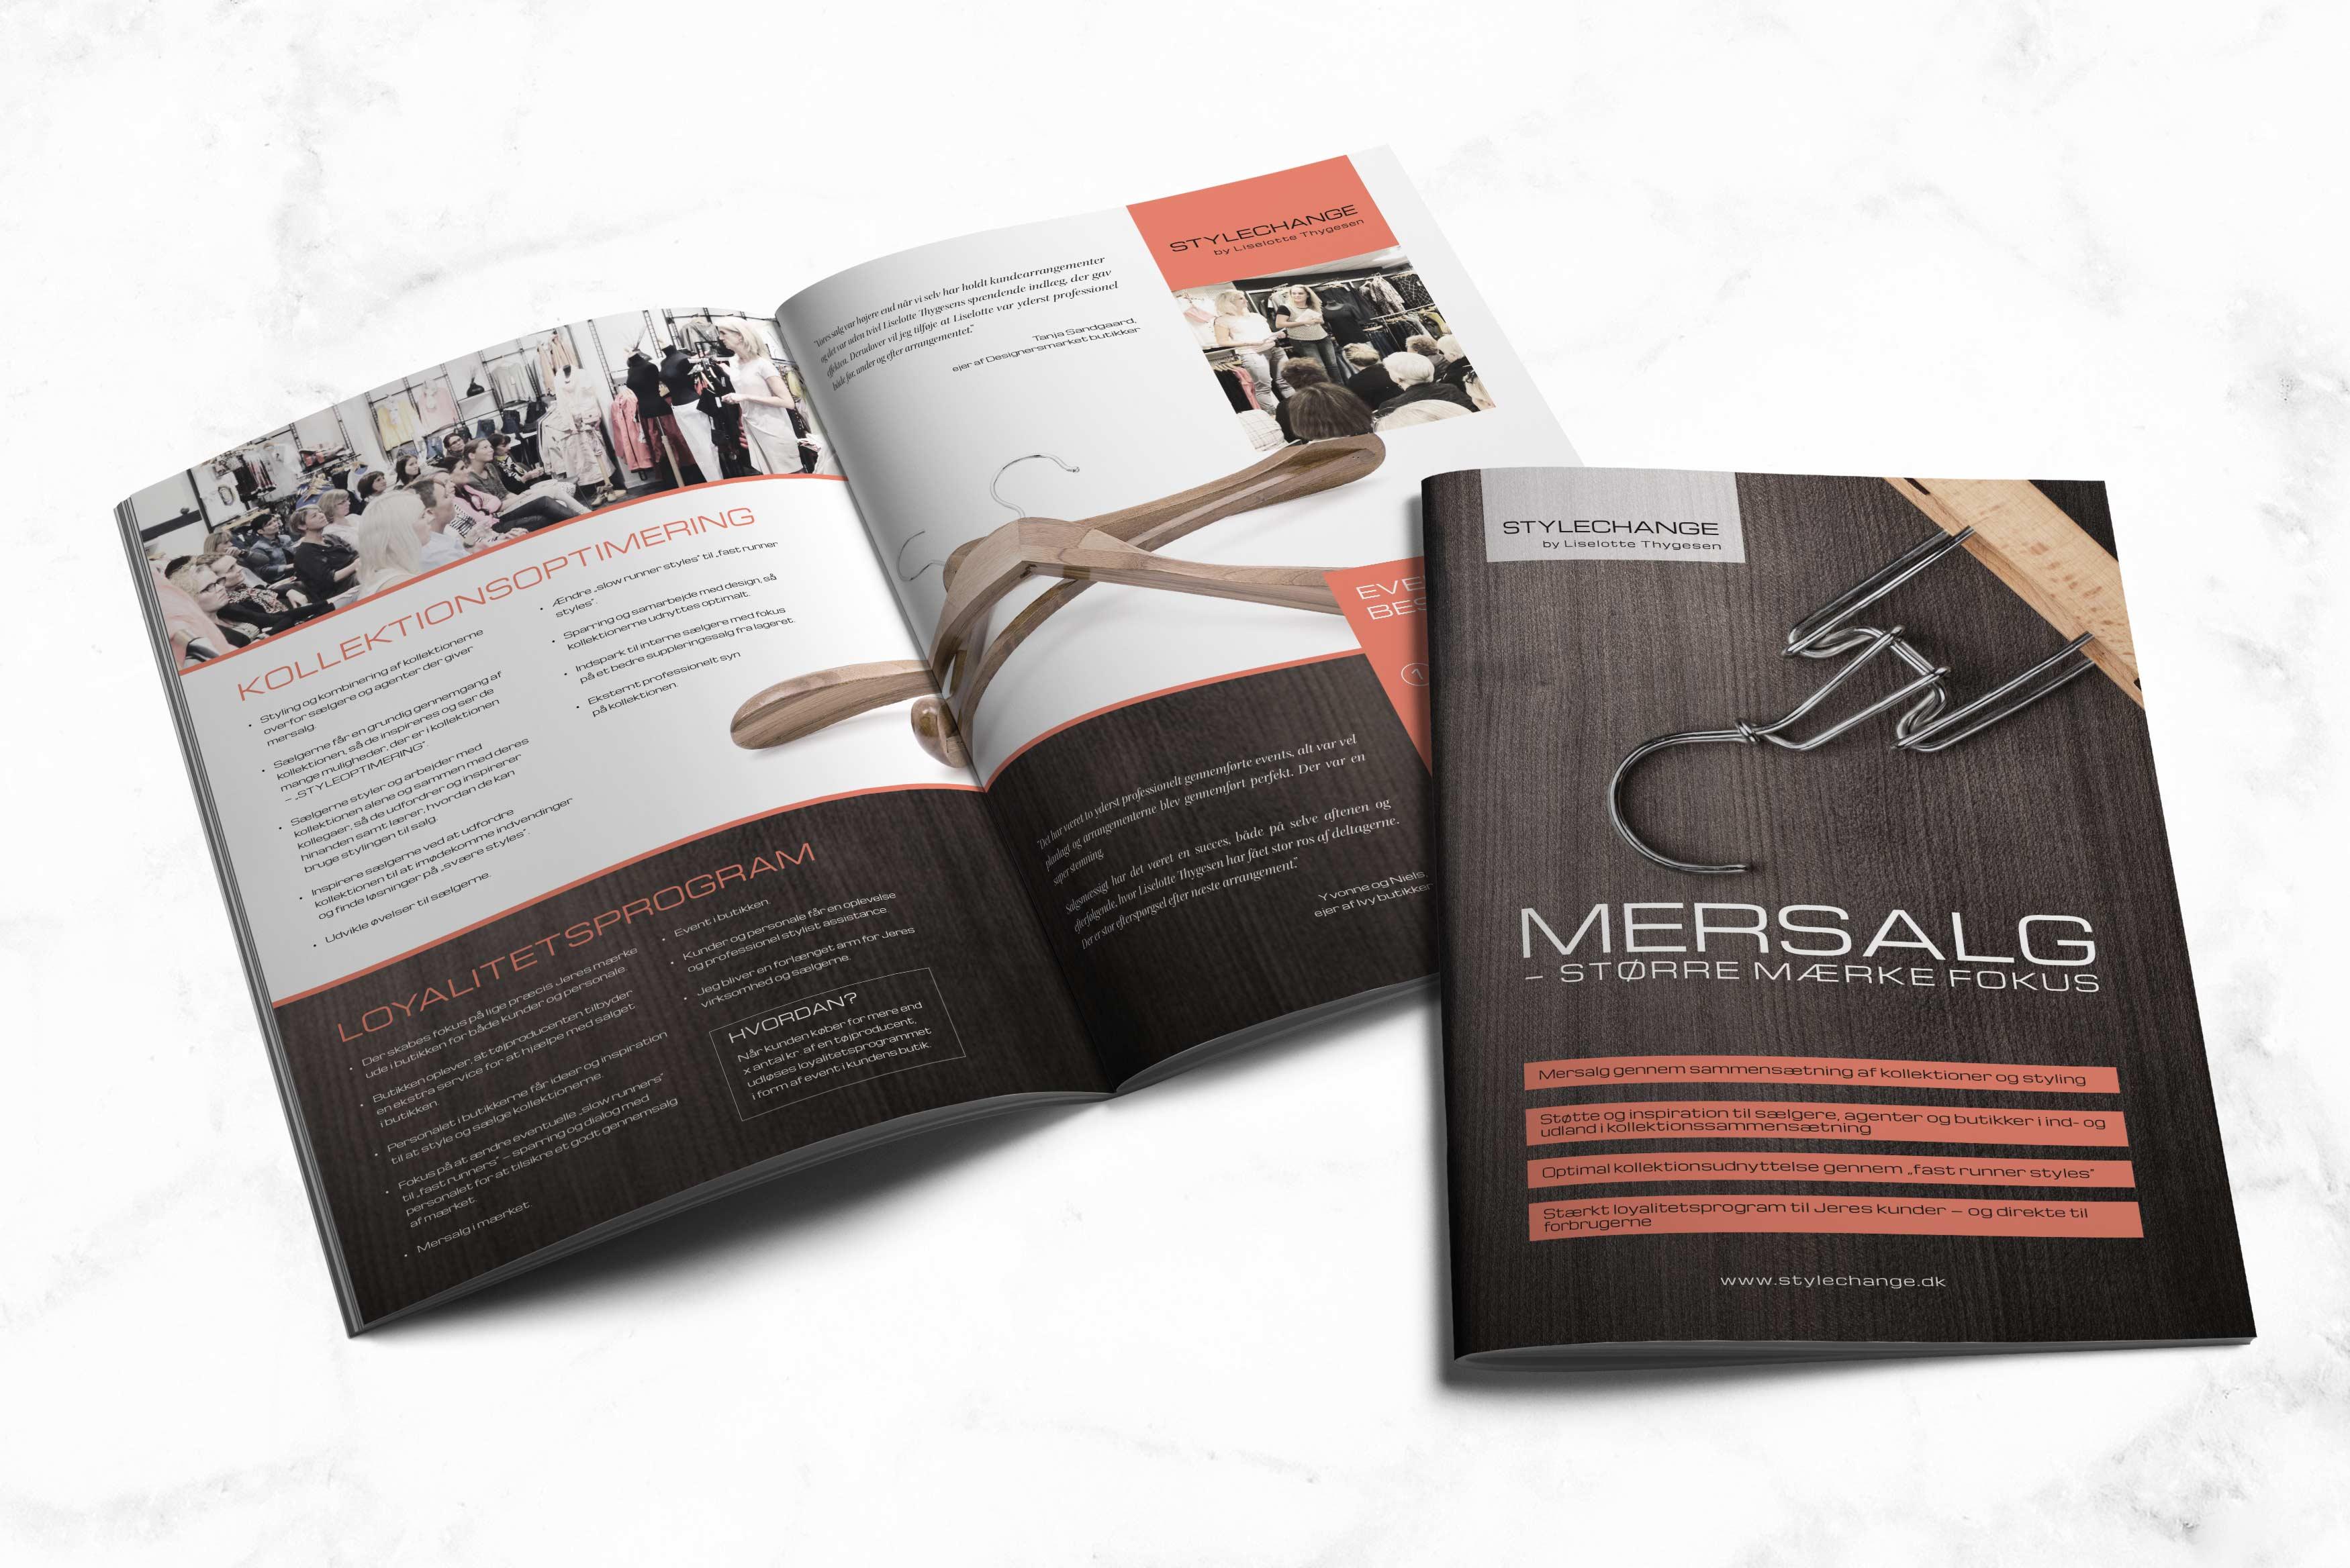 stylechange-brochure-mersalg